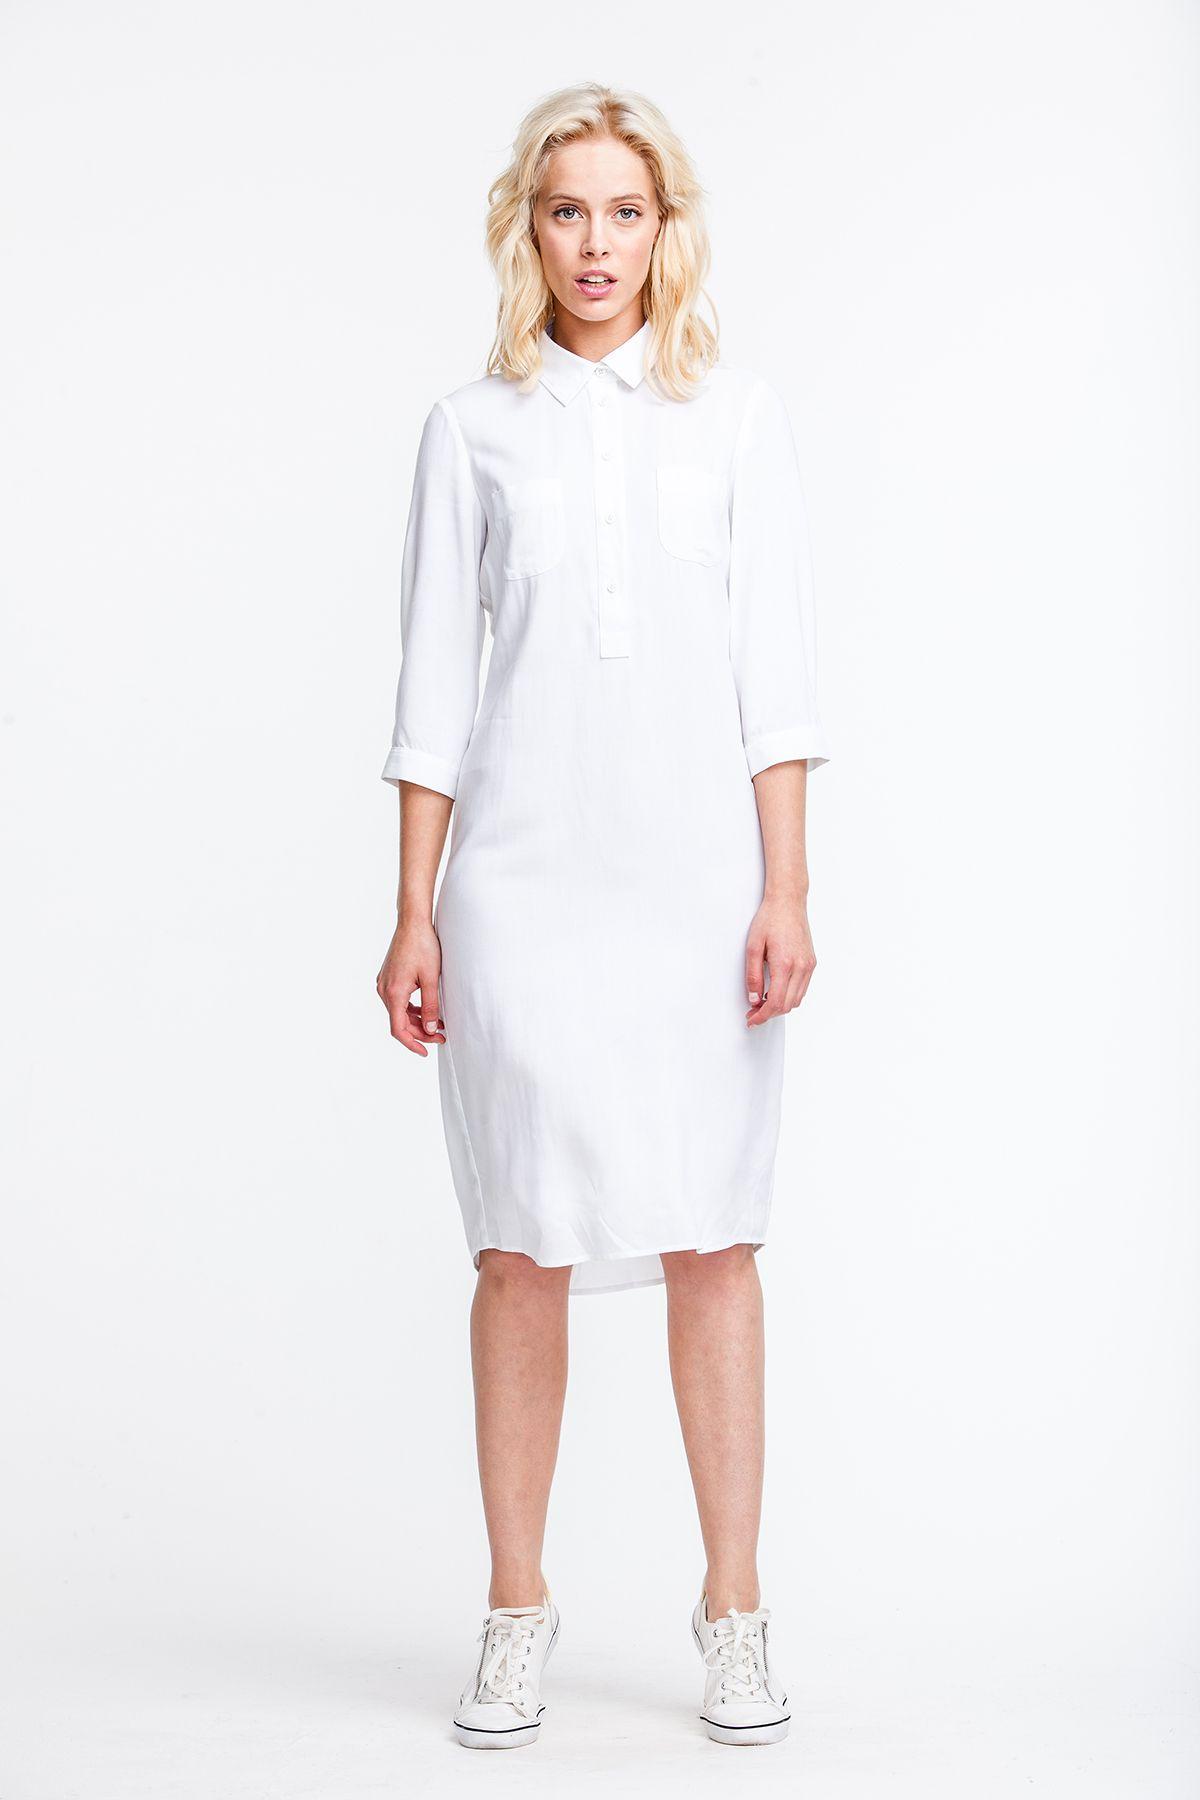 419f5f7e1973 2698 Платье-рубашка белое, свободного кроя, карманы на груди купить ...